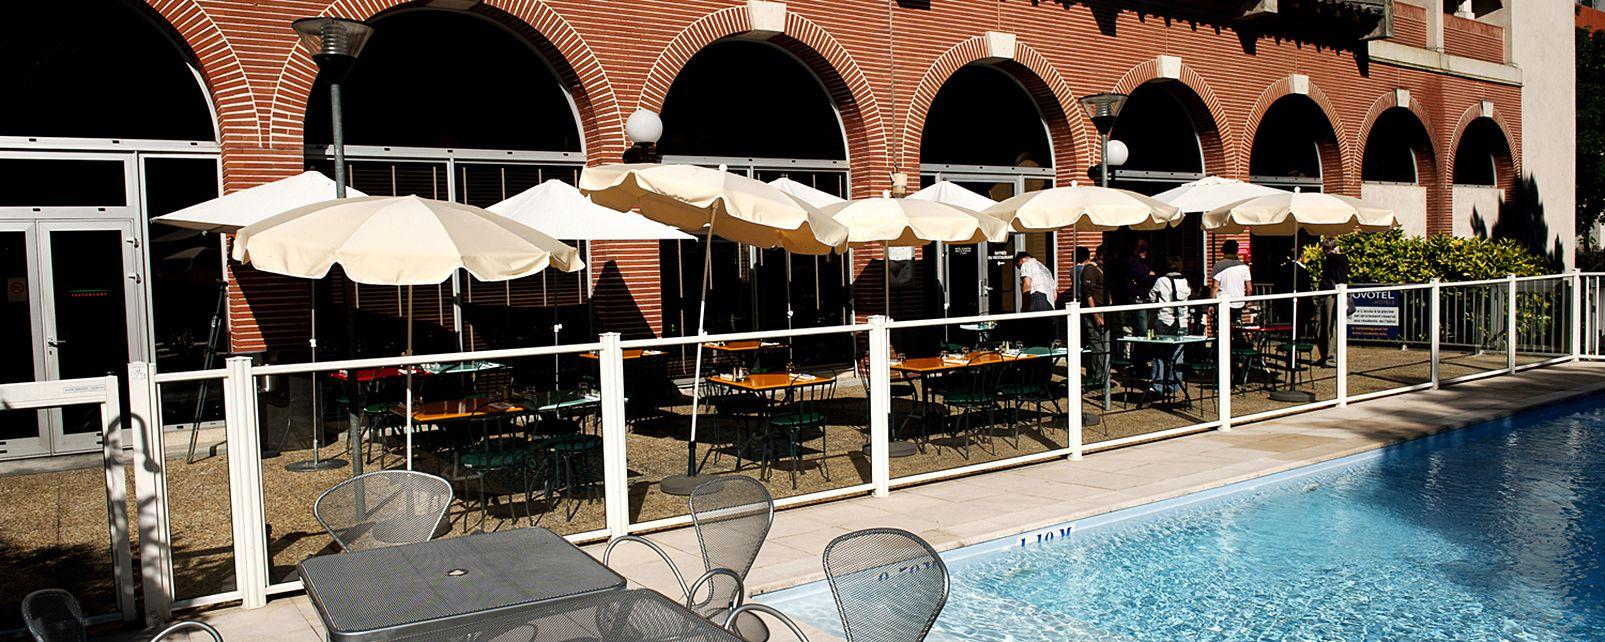 Hôtel Novotel Toulouse Centre Compans Caffarelli